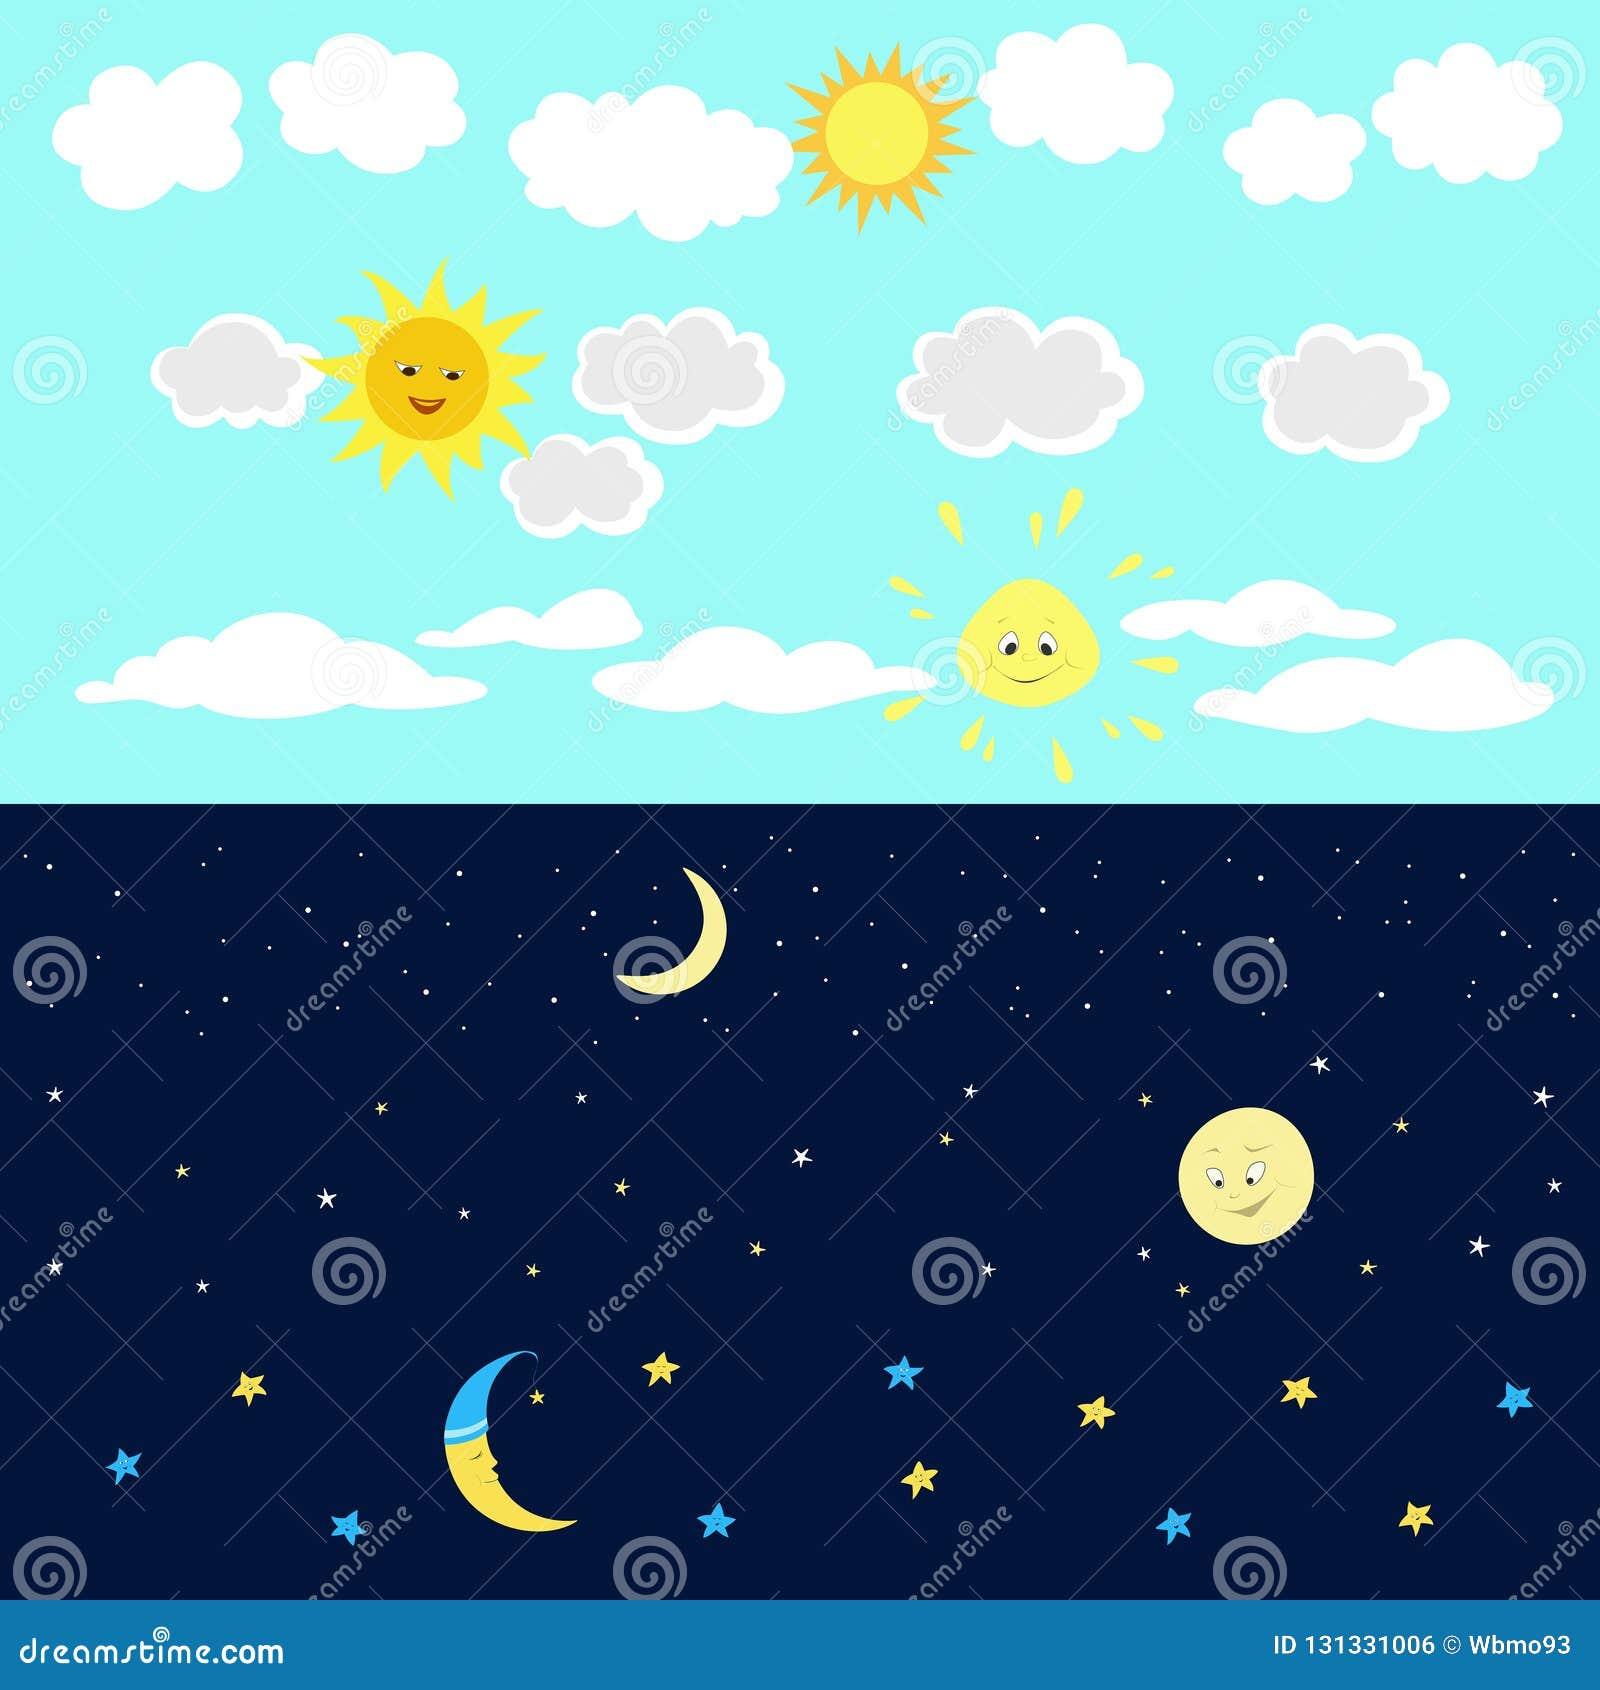 Image de bande dessinée de ciel nocturne de jour